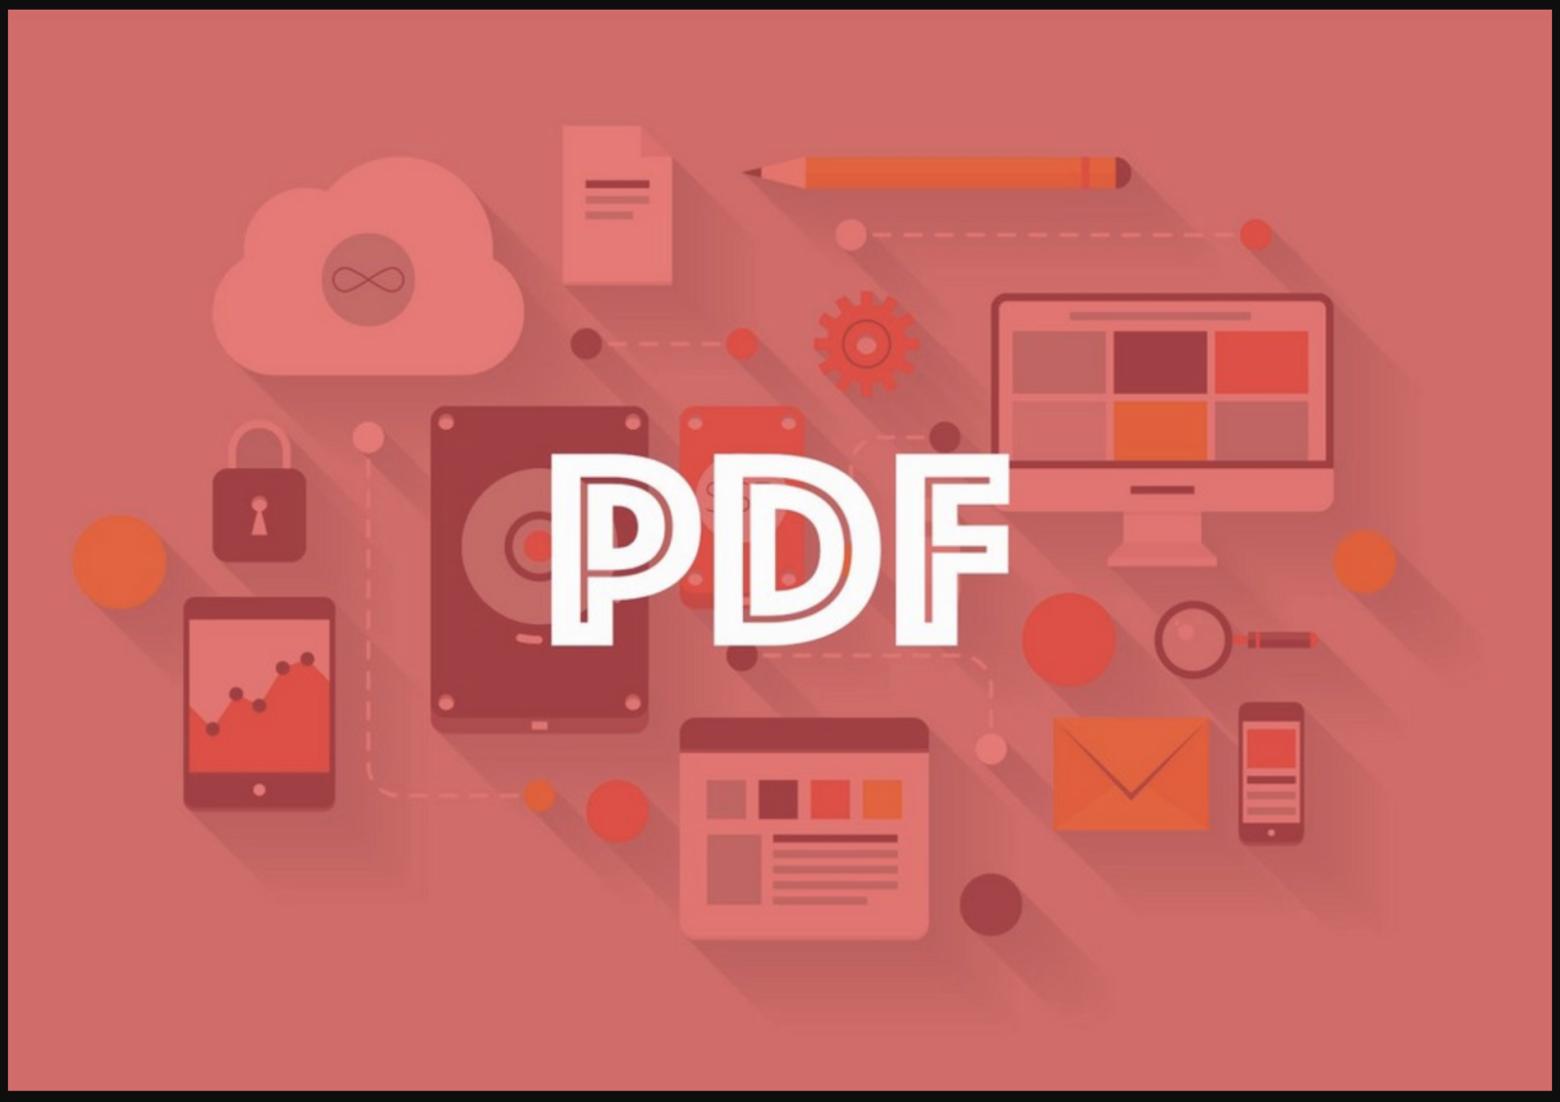 6 cách nén file pdf – Hướng dẫn chi tiết cách nén file pdf nhanh nhất